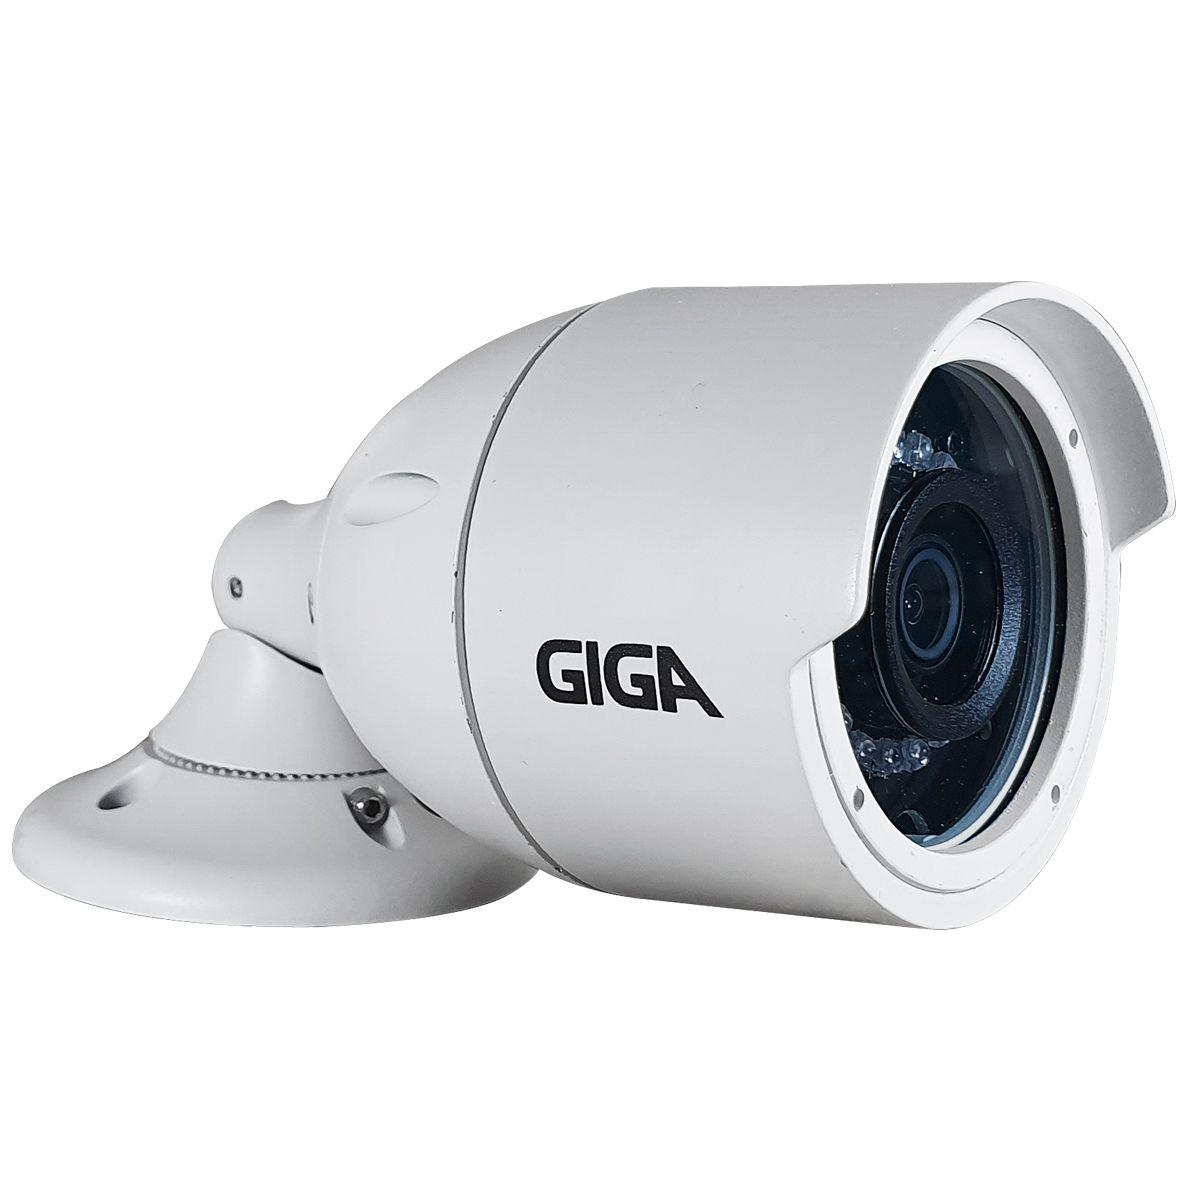 Kit Orion Full HD 1080p 04 Câmeras GS0273 + DVR Giga Security + HD 1TB Skyhawk + Acessórios  - Tudo Forte